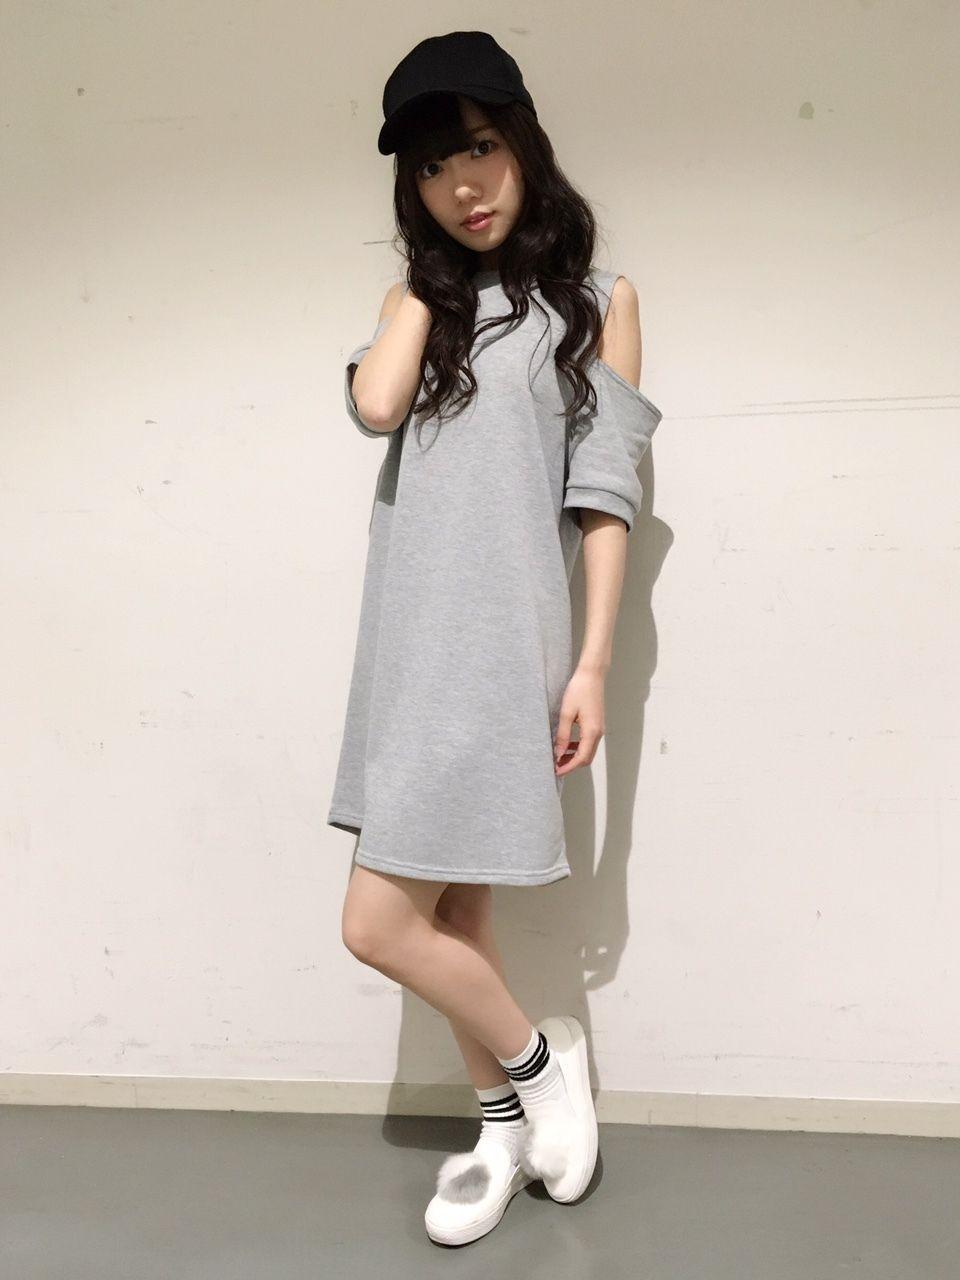 齊藤京子の画像 p1_30